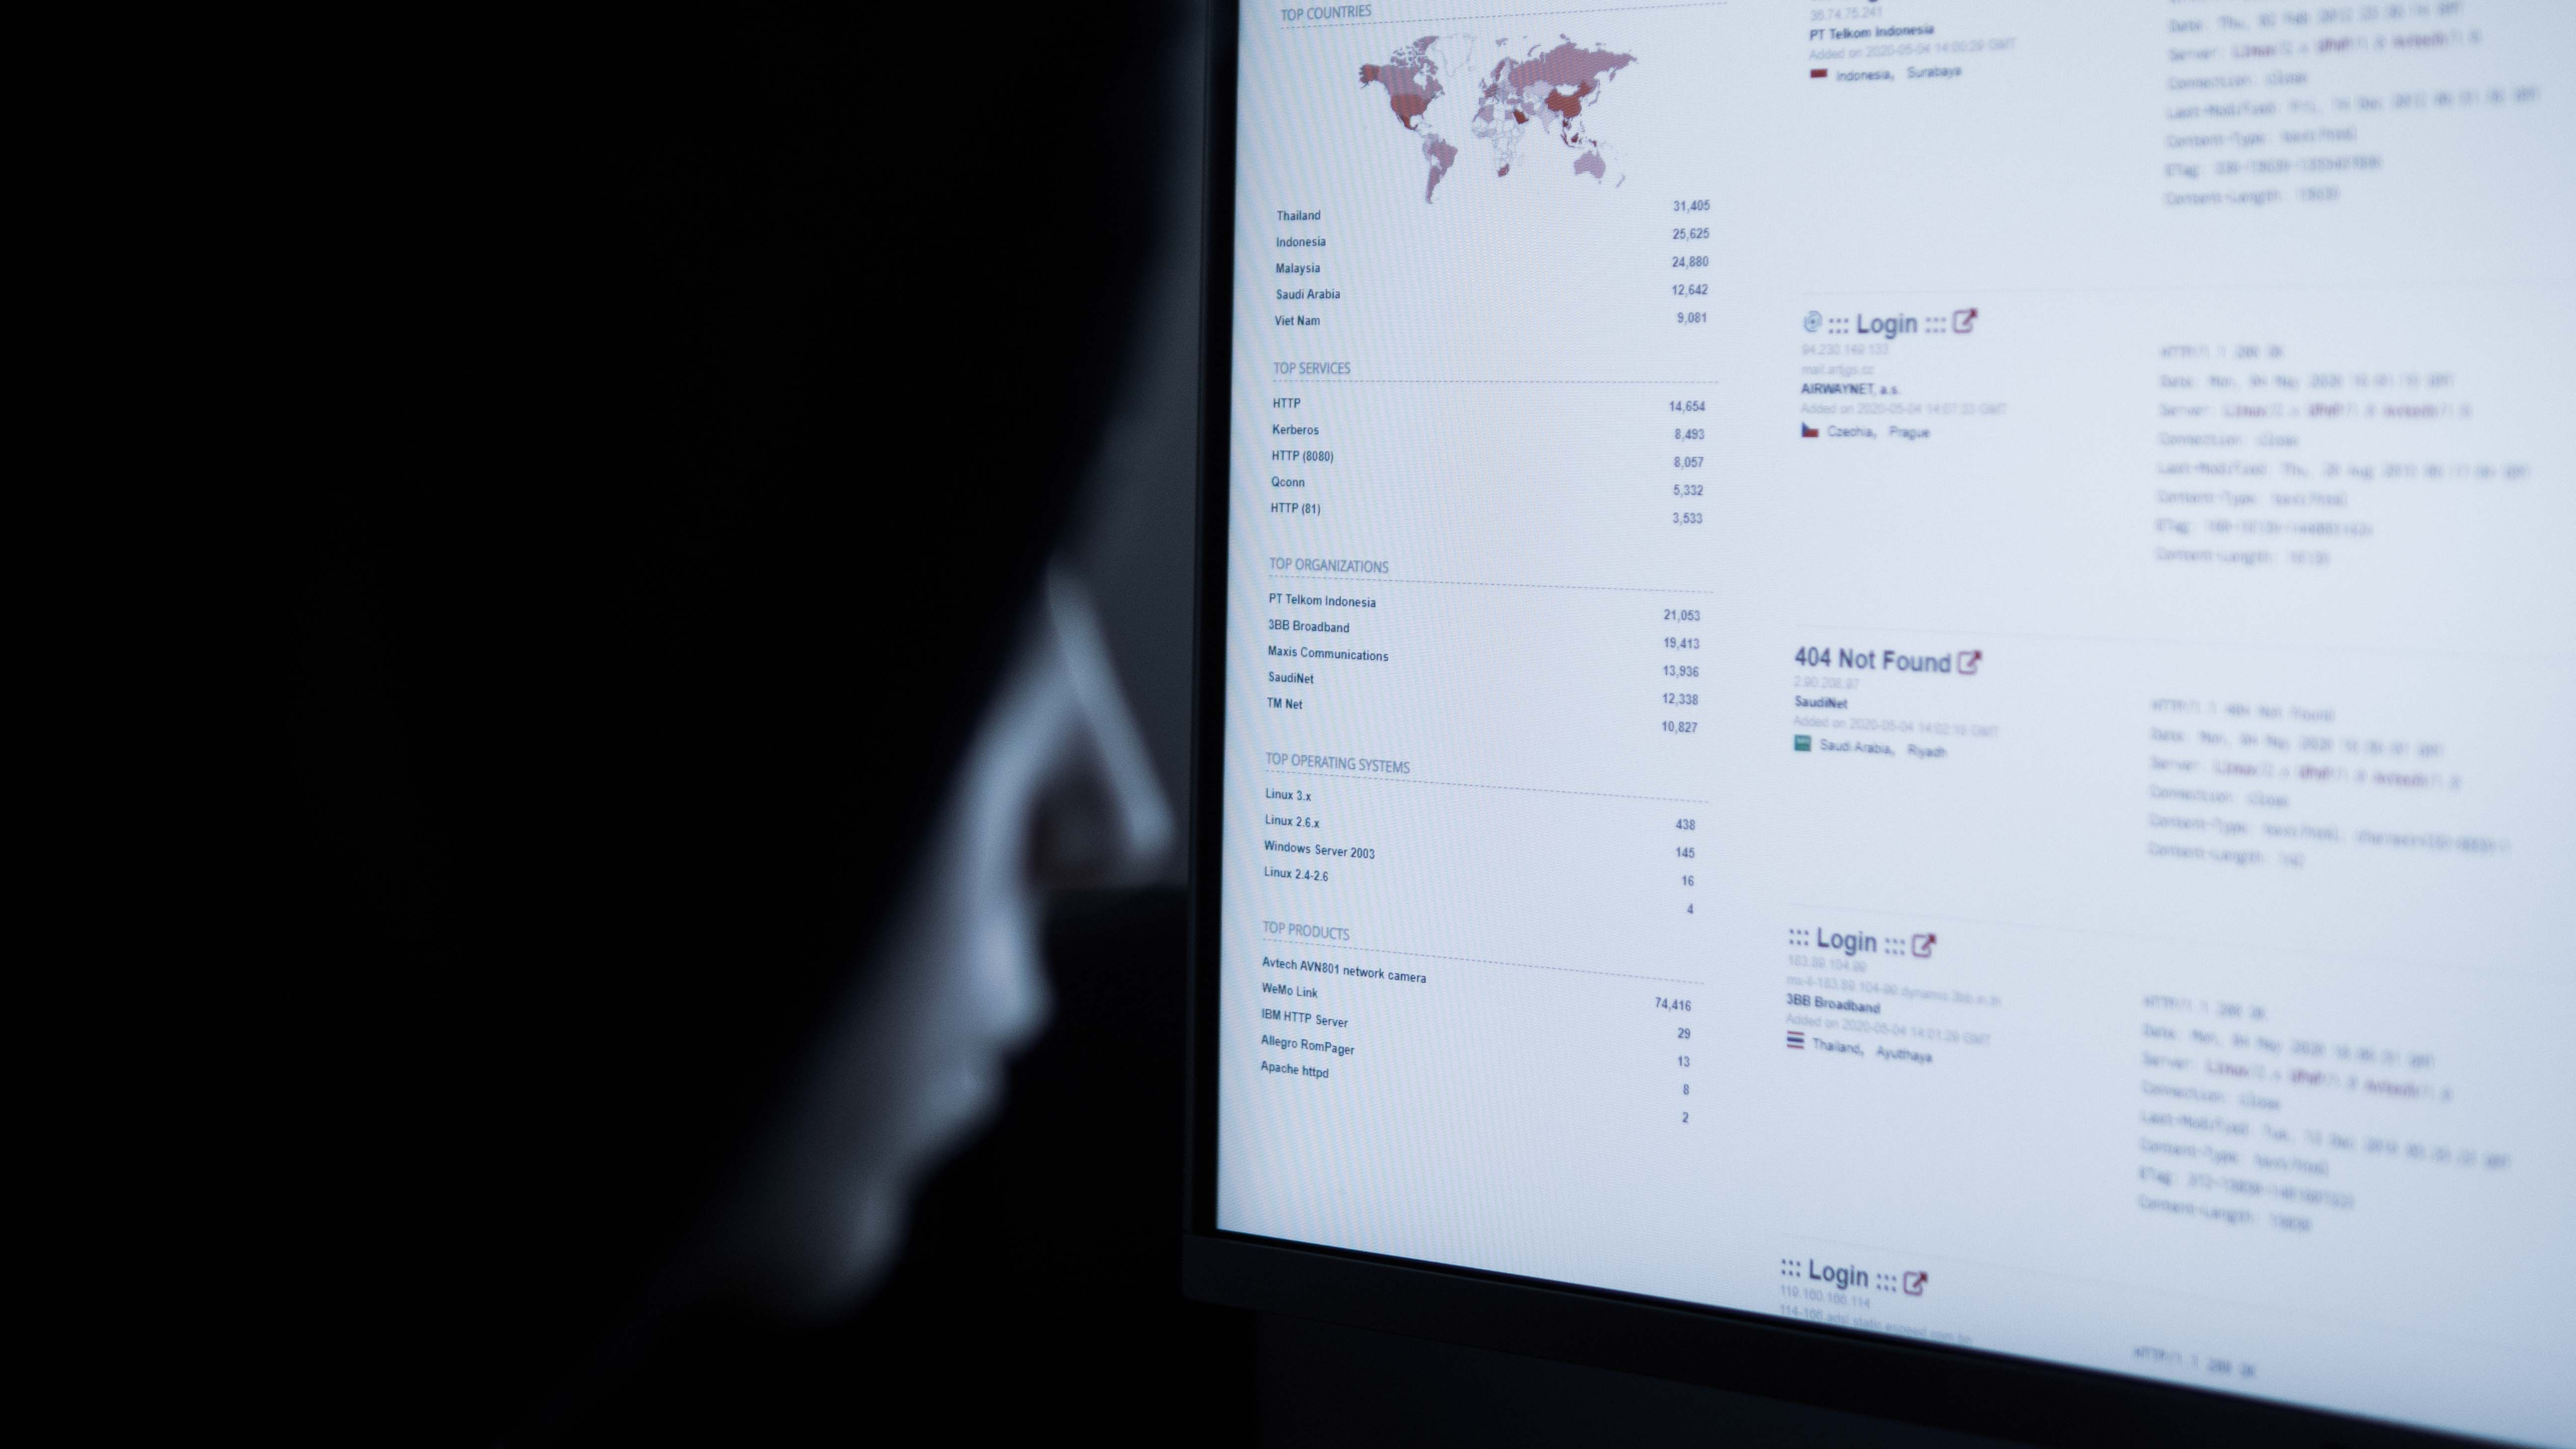 Pour contraindre ses victimes, un hacker menace de faire appliquer le RGPD